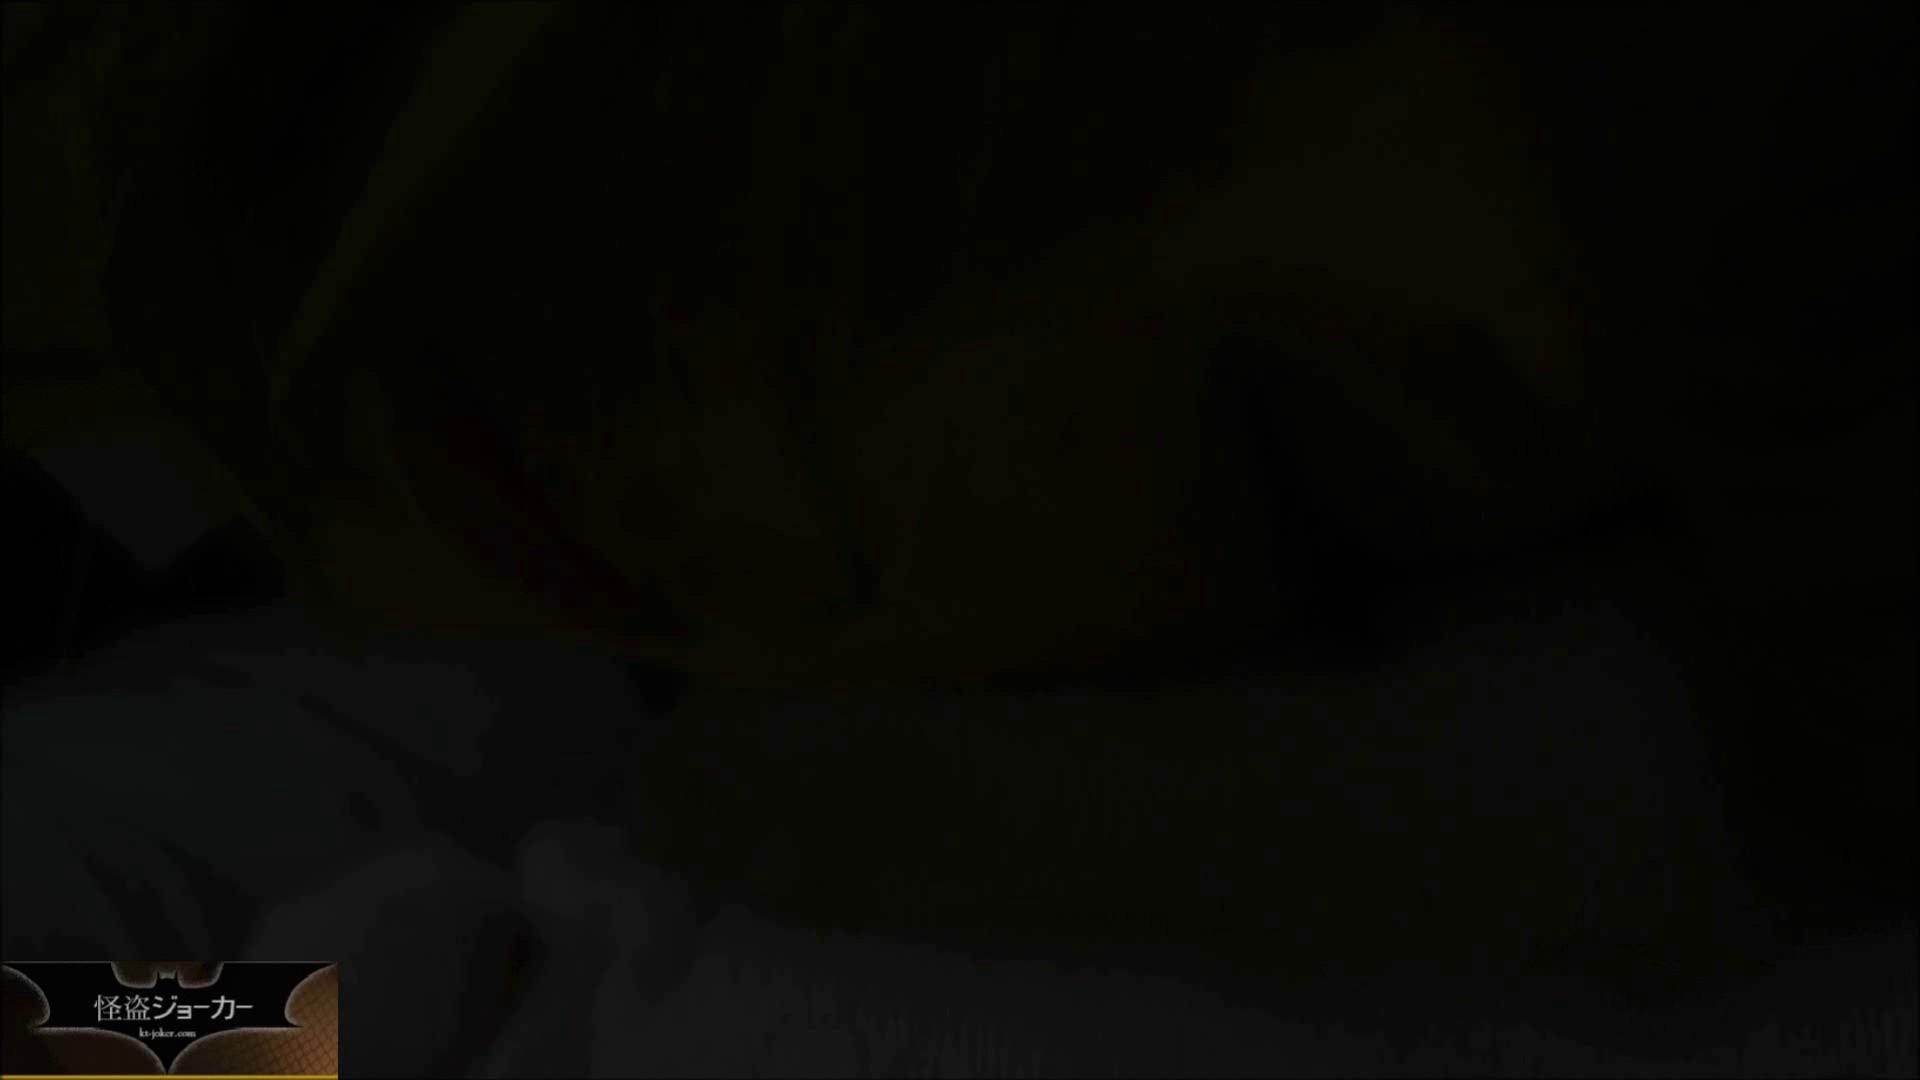 【未公開】vol.3ユリナに実女市ヒトミを愛撫させ・・・女市がおかされる現場を離れ。 OL   乳首コレクション  103連発 53